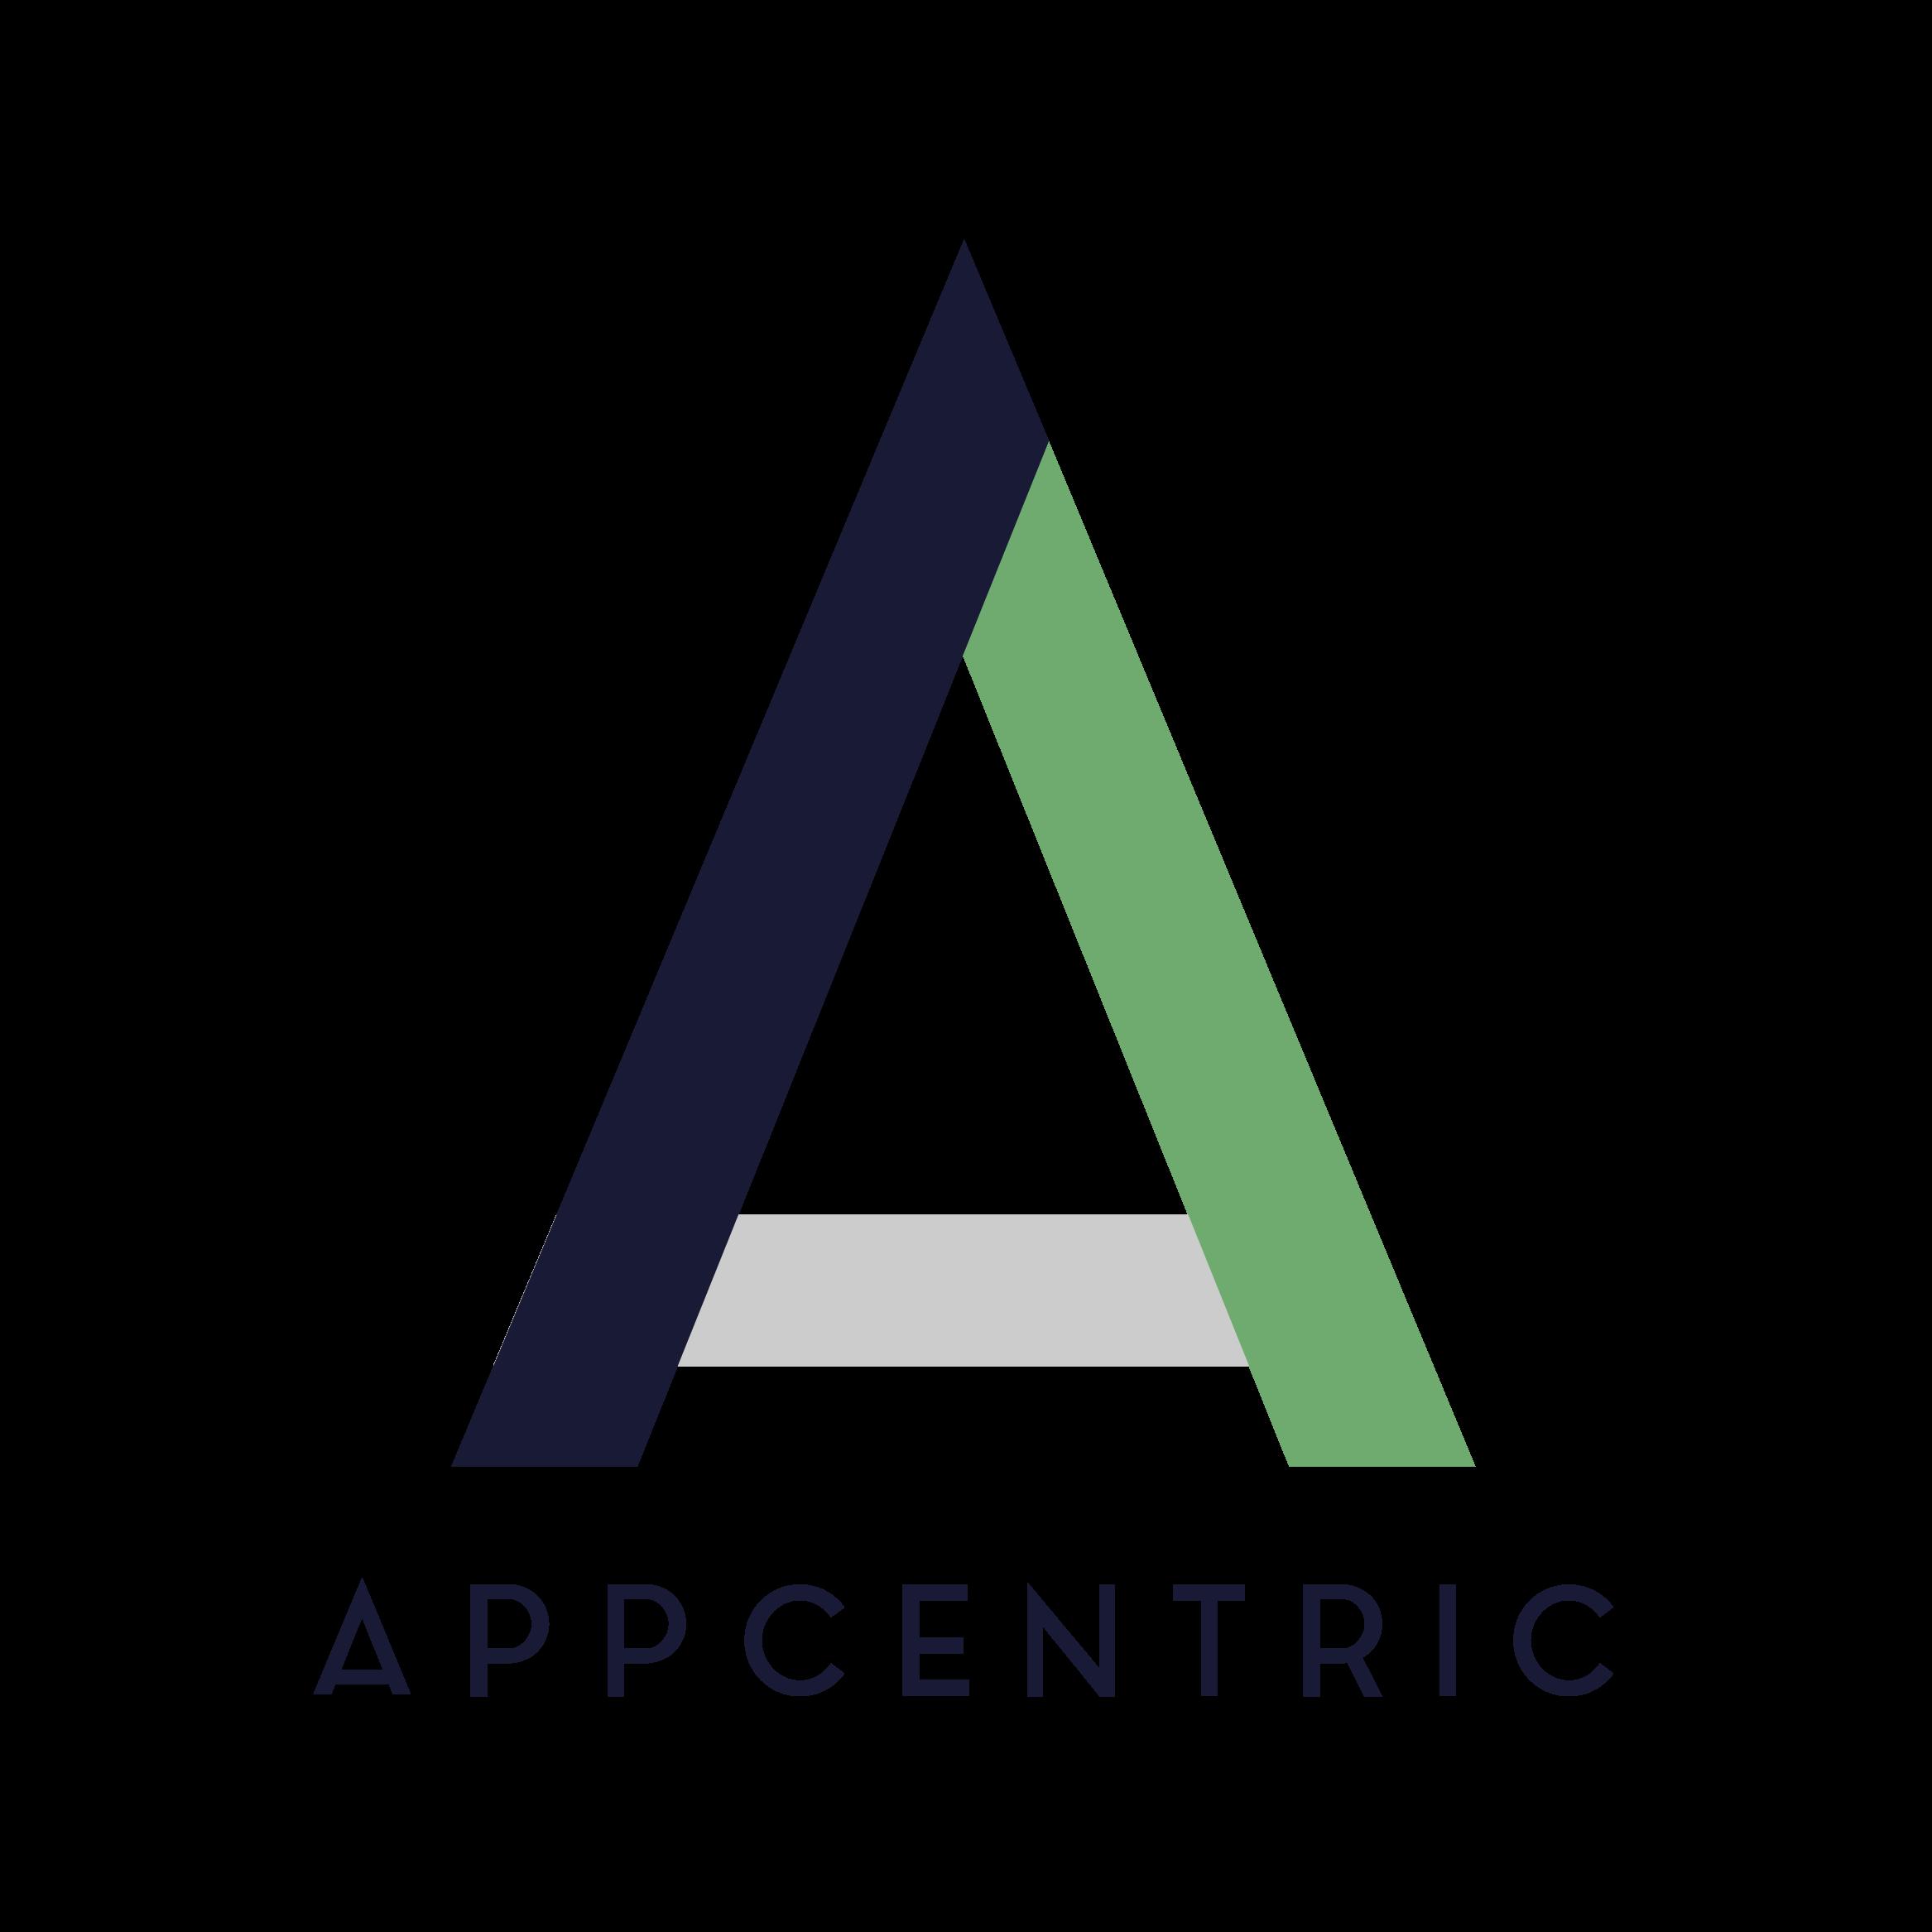 Meet Appcentric